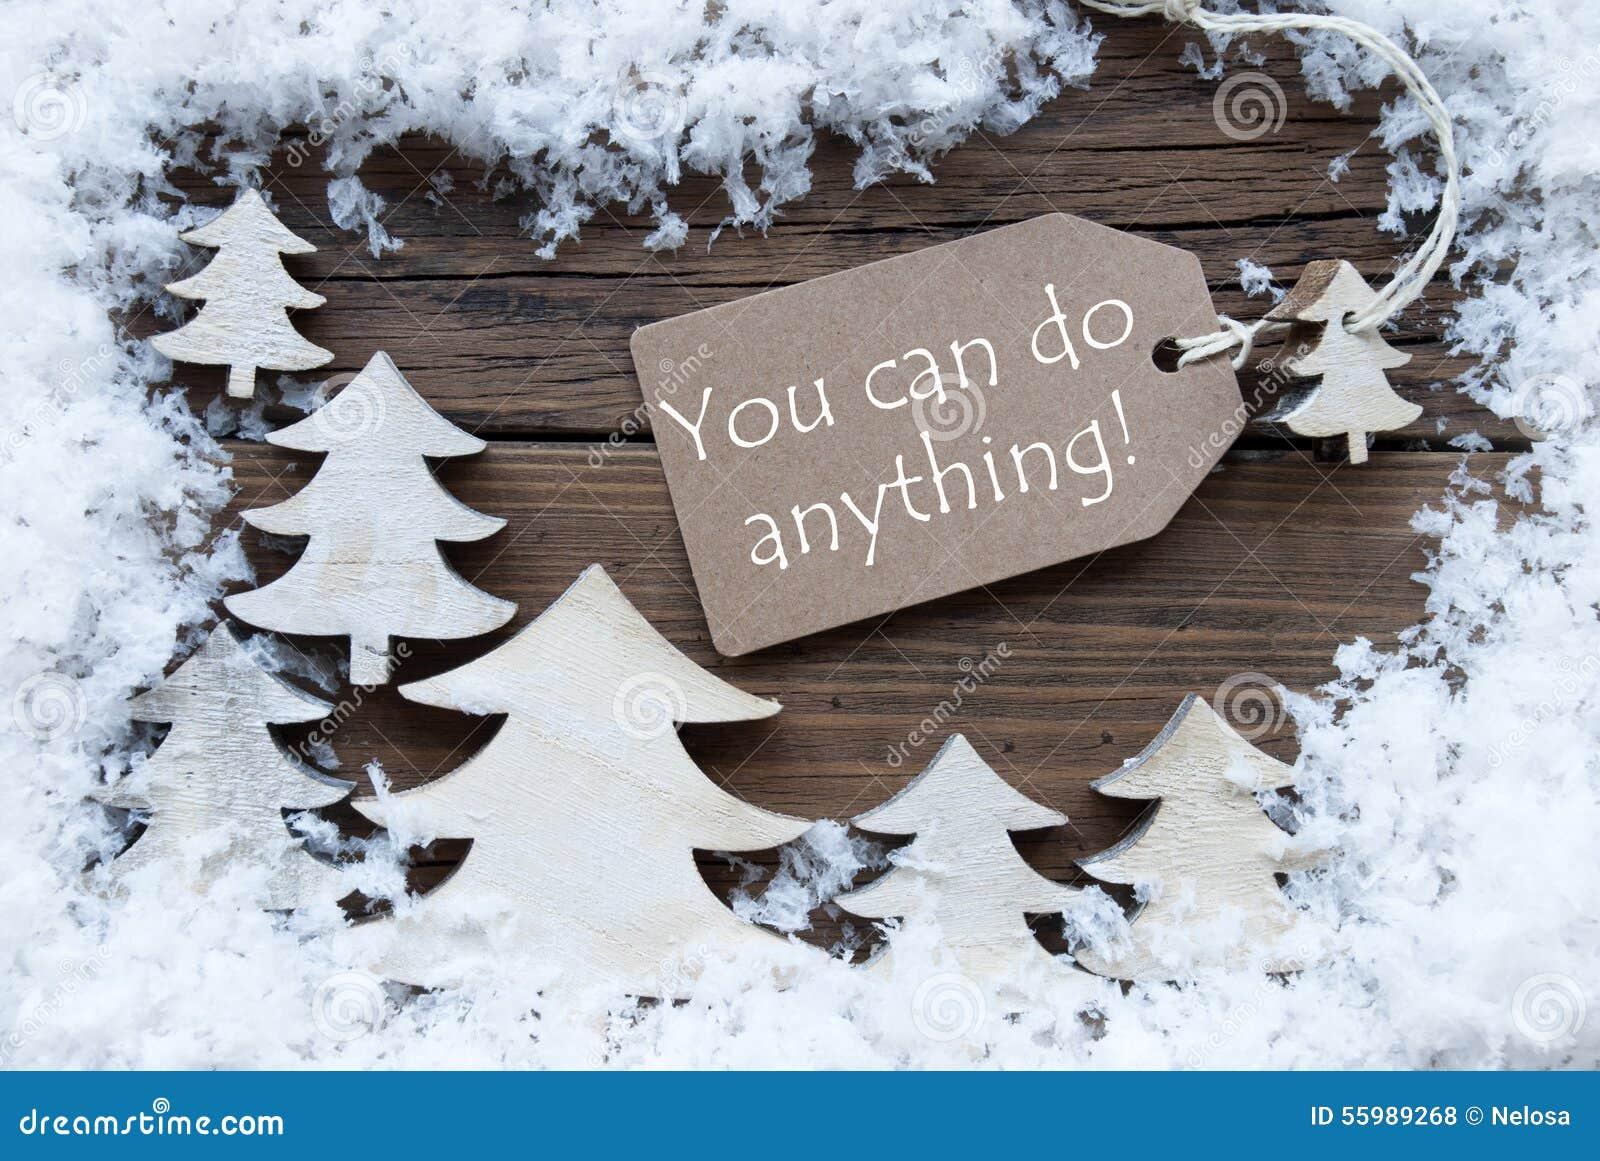 Τα χριστουγεννιάτικα δέντρα ετικετών και χιονίζουν εσείς μπορούν να κάνουν τίποτα